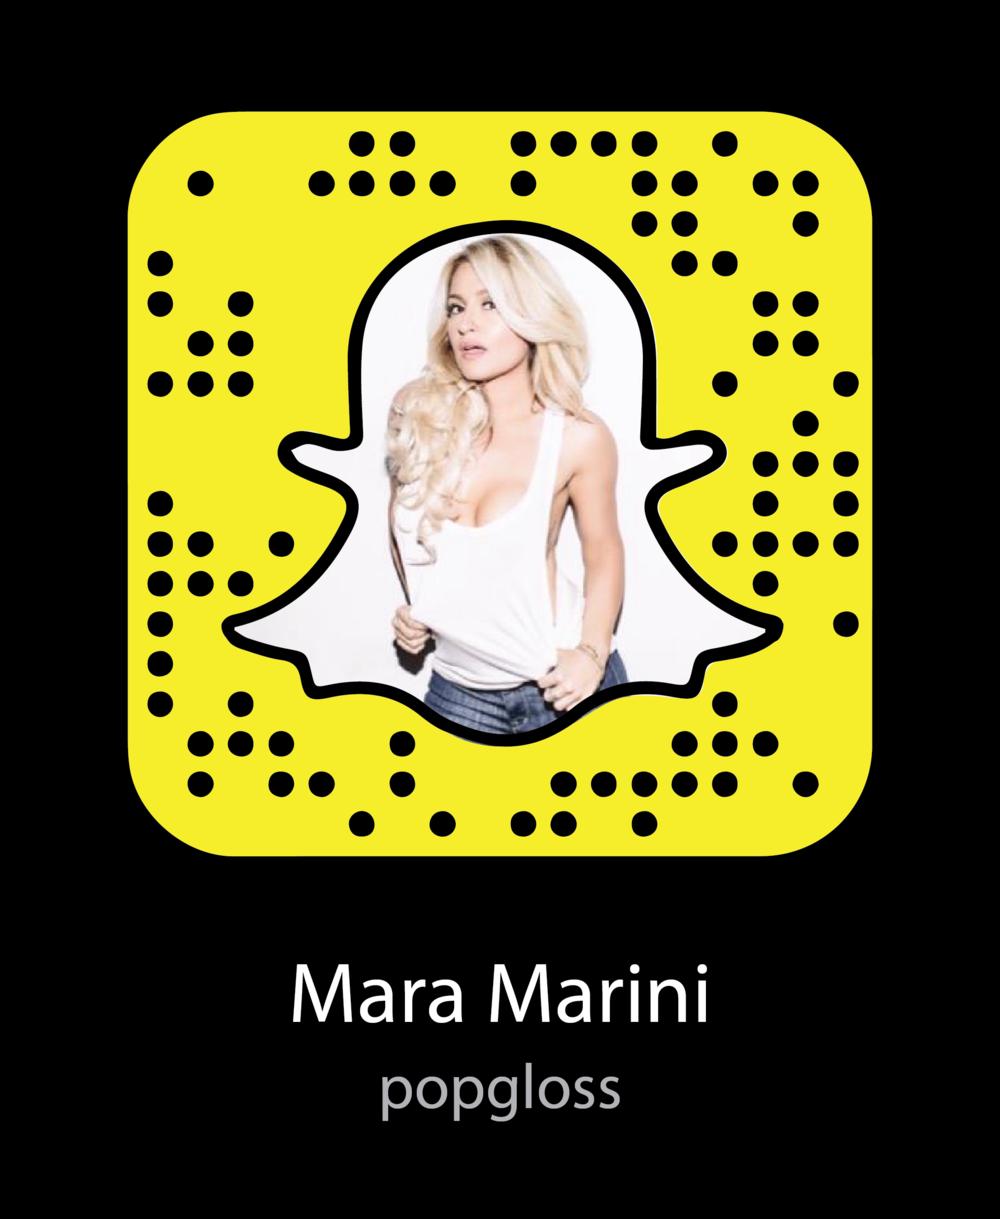 mara-marini-sexy-snapchat-snapcode